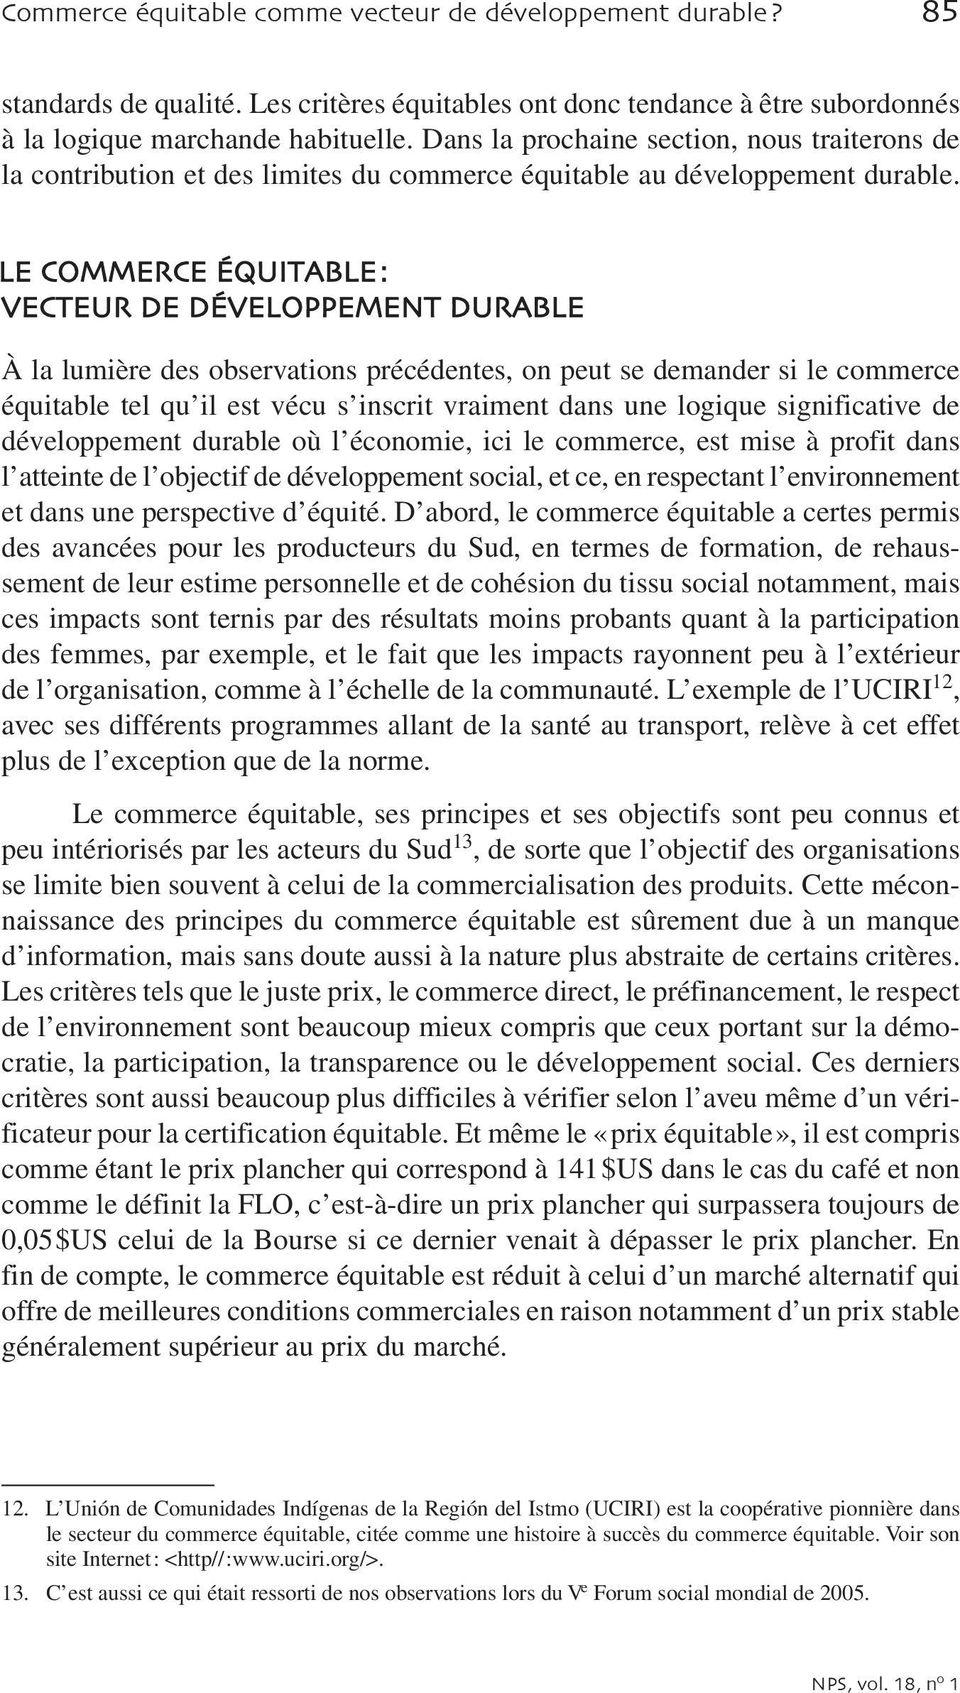 Commerce équitable comme vecteur de développement durable?» - PDF